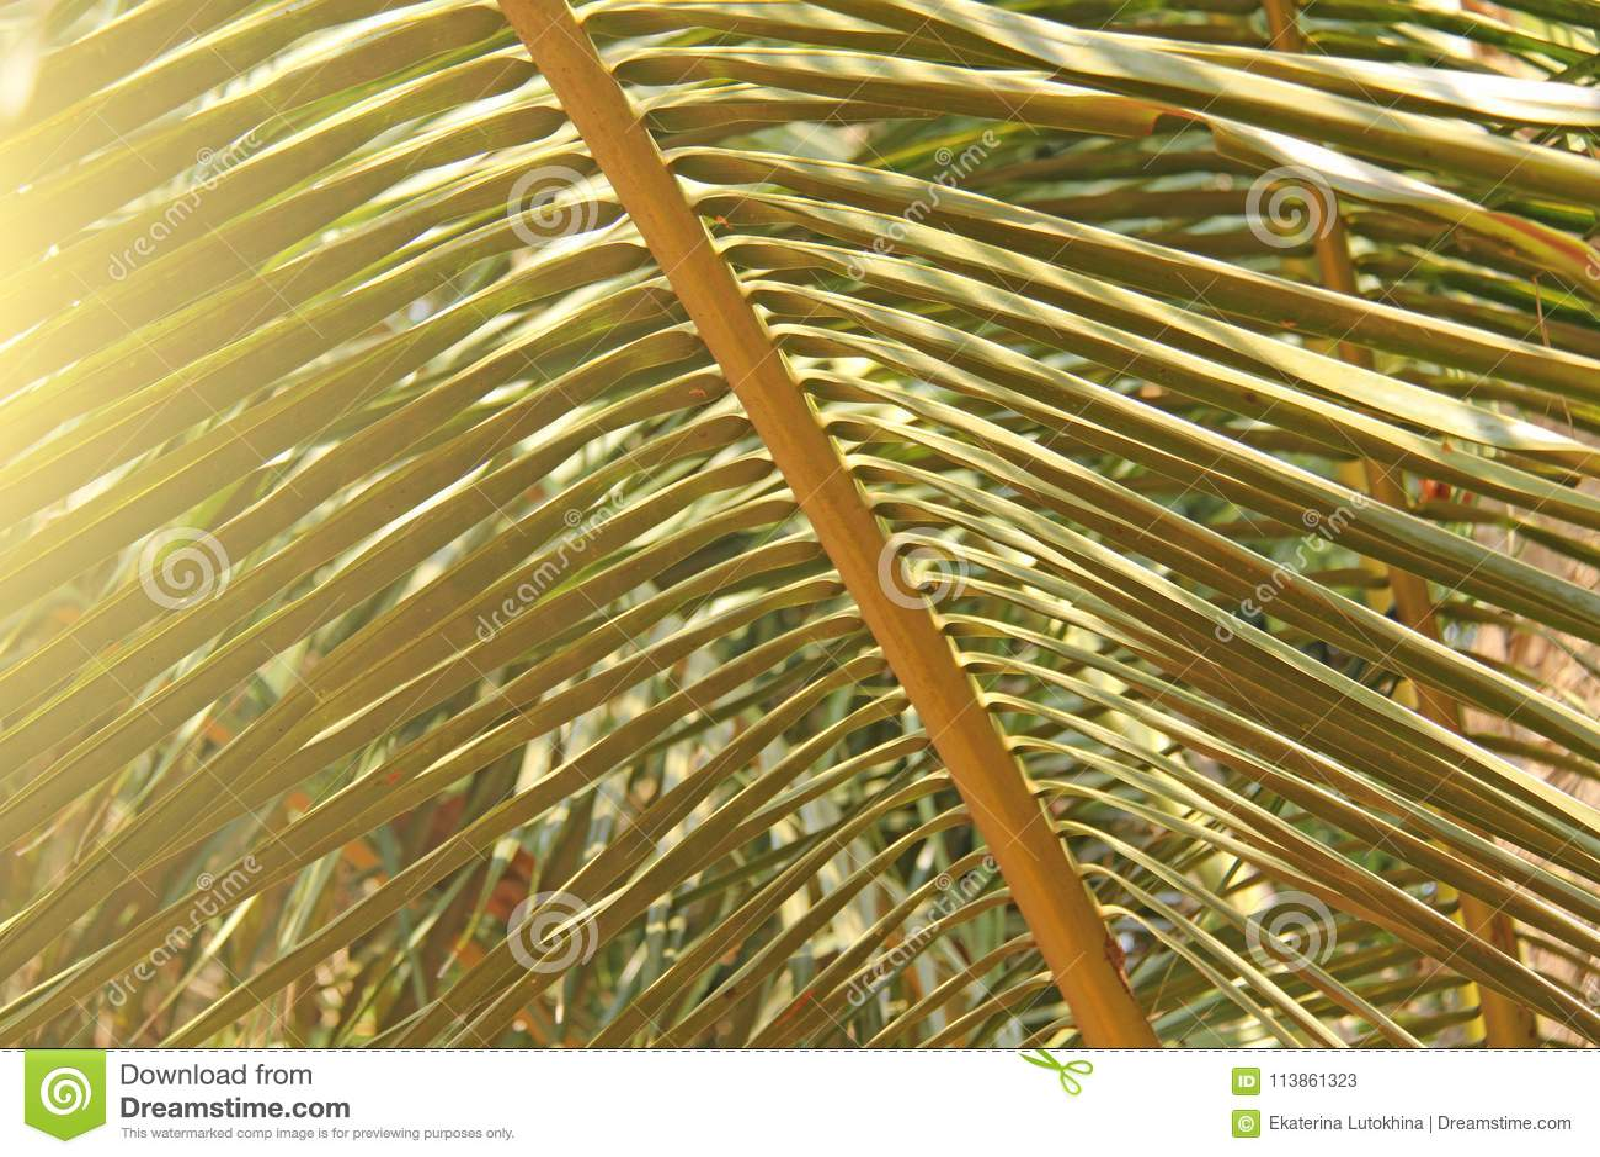 Piękny Zielony Palmowy liść i słońce Zielony tło drzewko palmowe